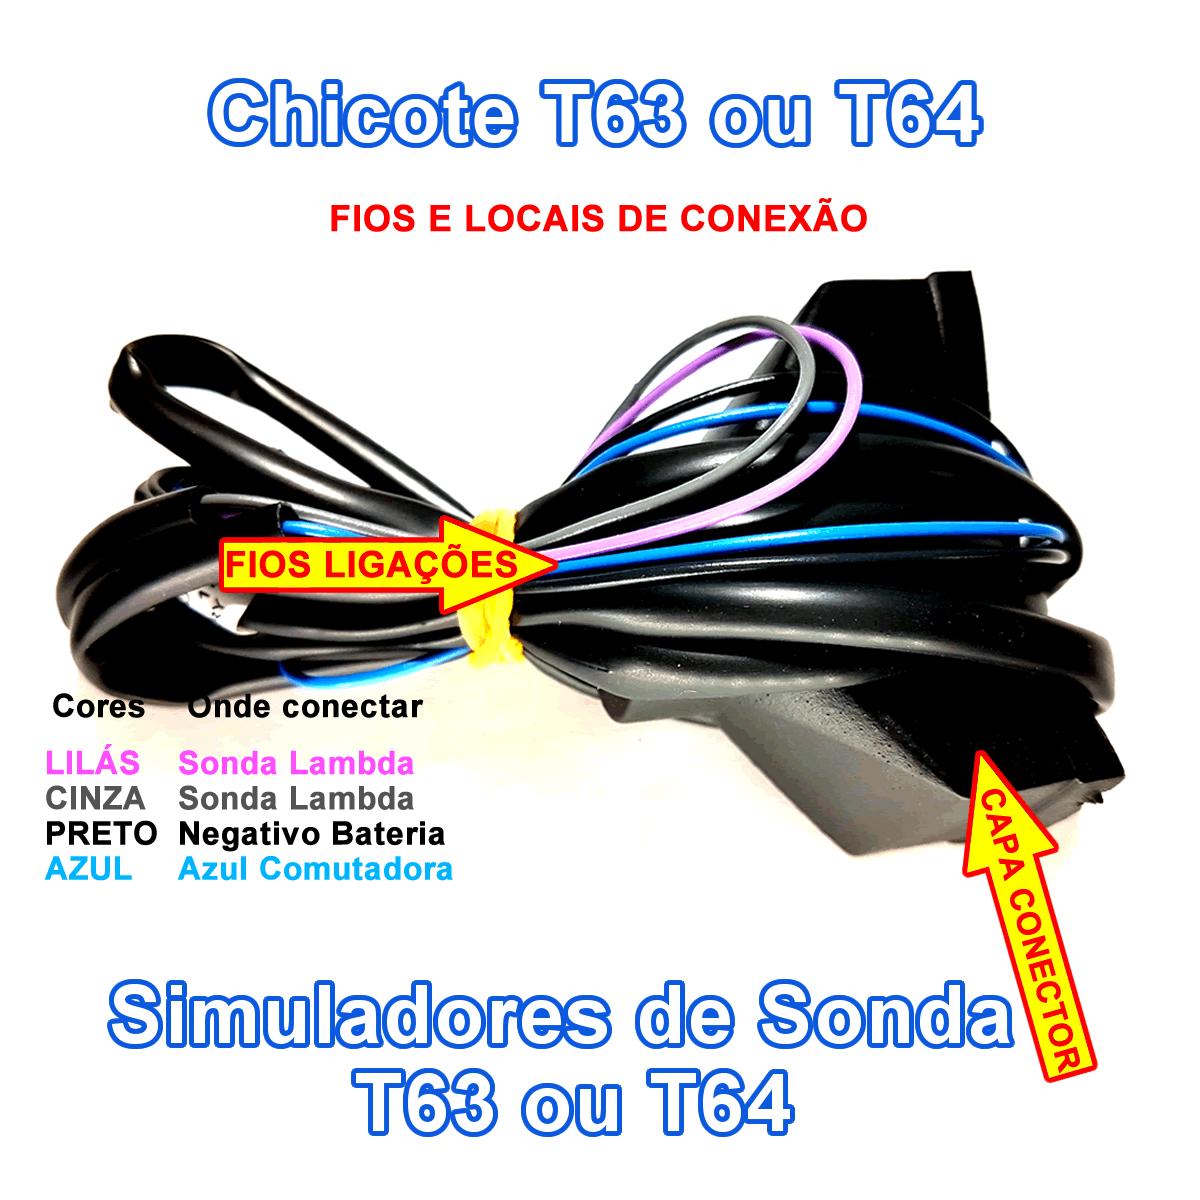 Eletrônicos 6 cilindros 3ª geração T56A 2xT63 T34 Sem Comutadora